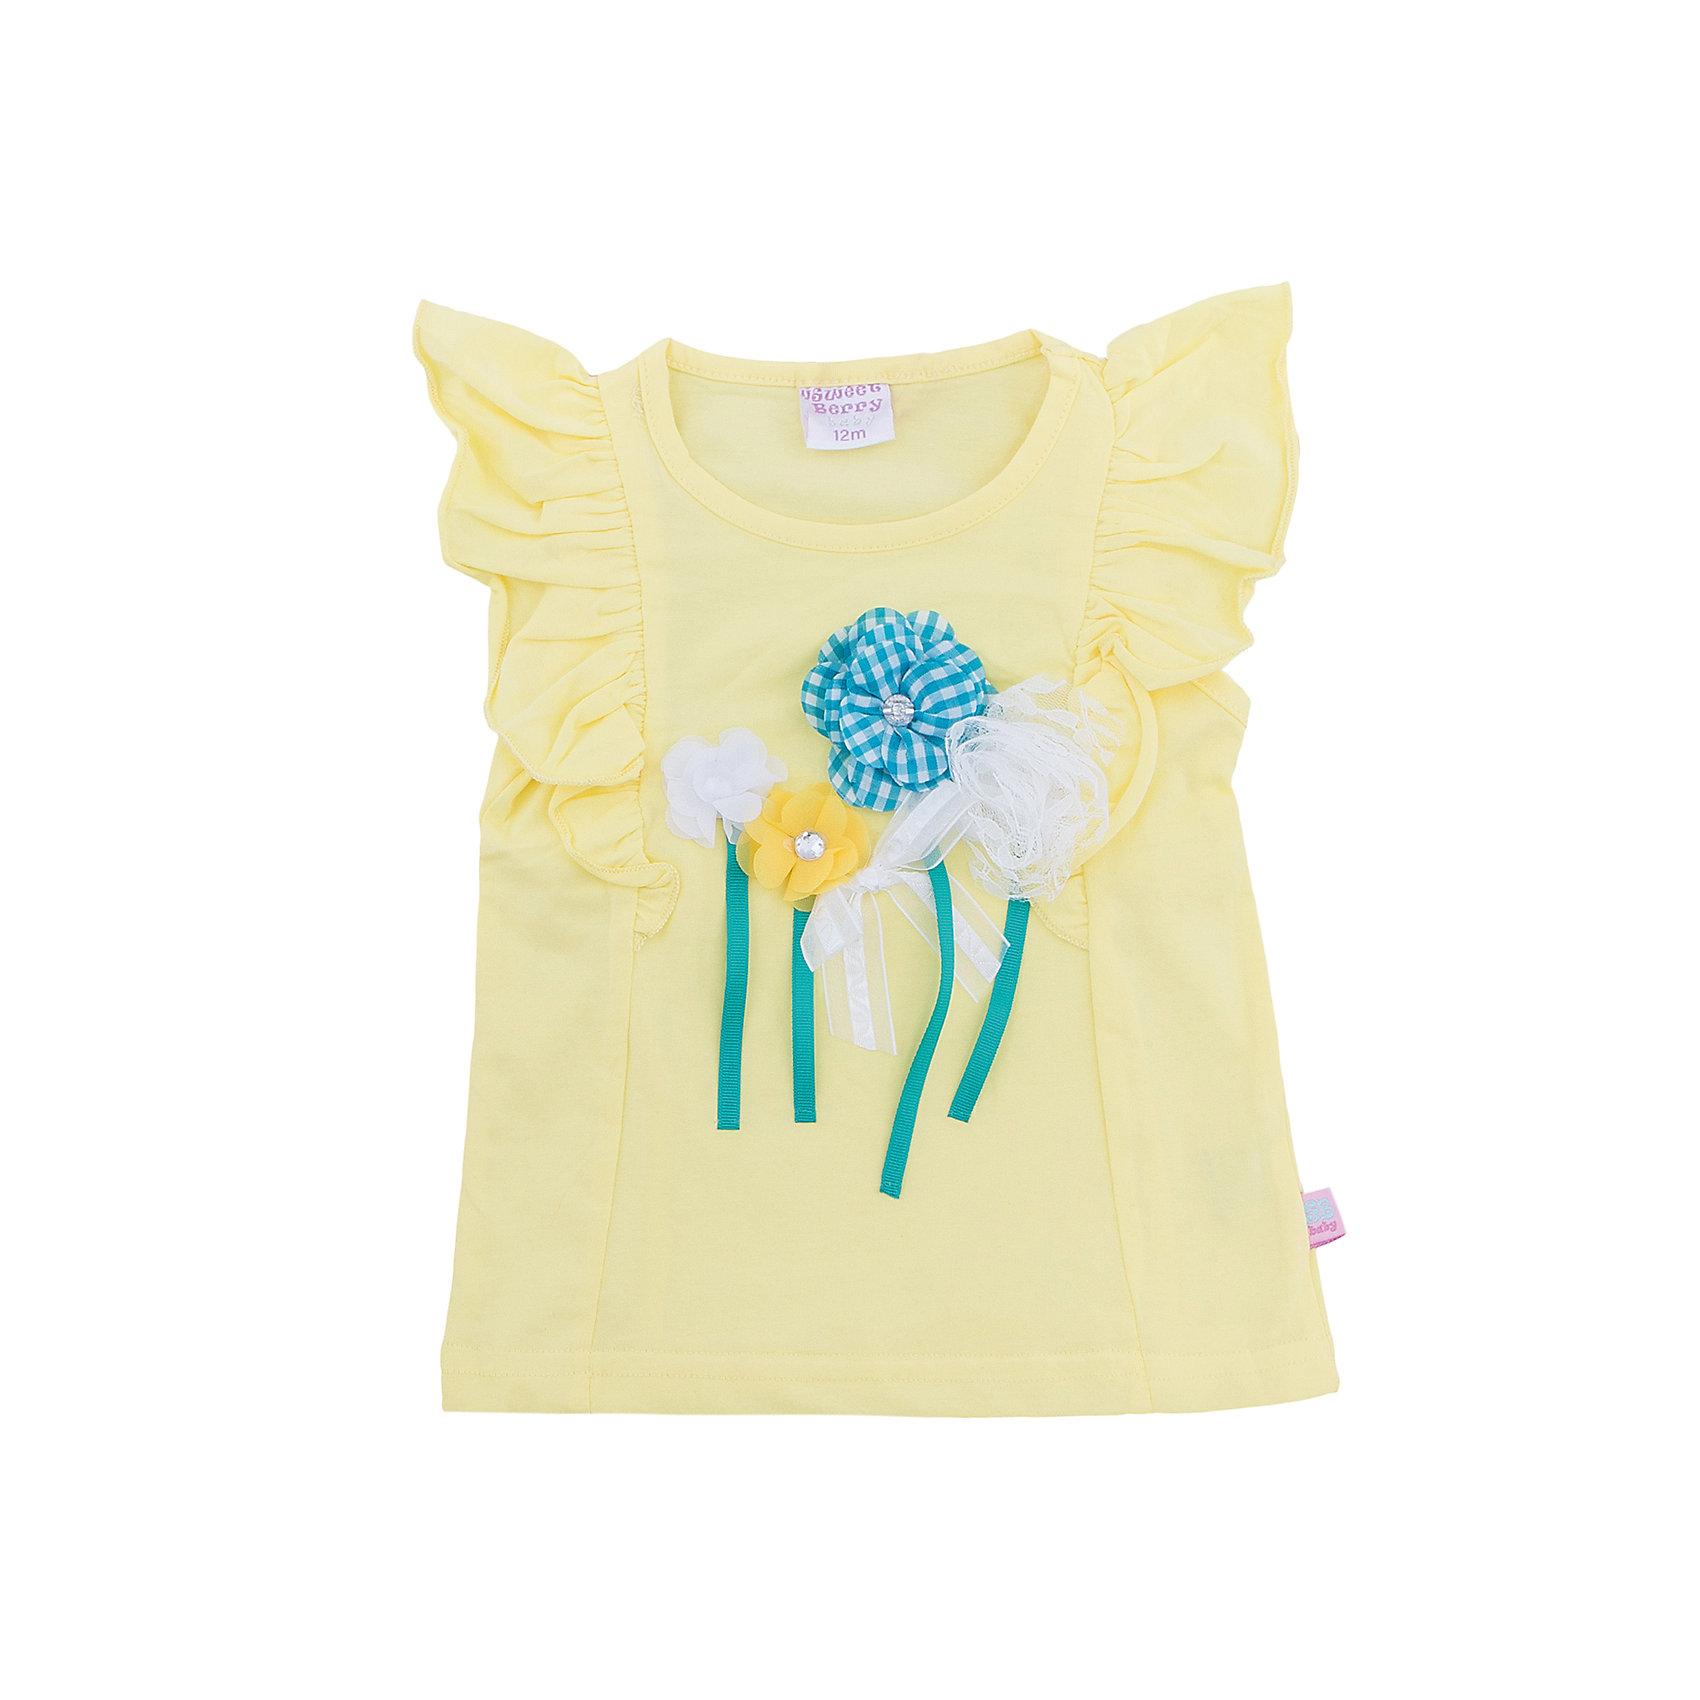 Майка для девочки Sweet BerryФутболки, топы<br>Стильная, желтая футболка из хлопка для девочки. Рукава декорированы воланами. Полочка украшена цветочной аппликацией. Приталенный крой.<br>Состав:<br>95%хлопок 5%эластан<br><br>Ширина мм: 199<br>Глубина мм: 10<br>Высота мм: 161<br>Вес г: 151<br>Цвет: желтый<br>Возраст от месяцев: 12<br>Возраст до месяцев: 15<br>Пол: Женский<br>Возраст: Детский<br>Размер: 80,86,92,98<br>SKU: 5411252